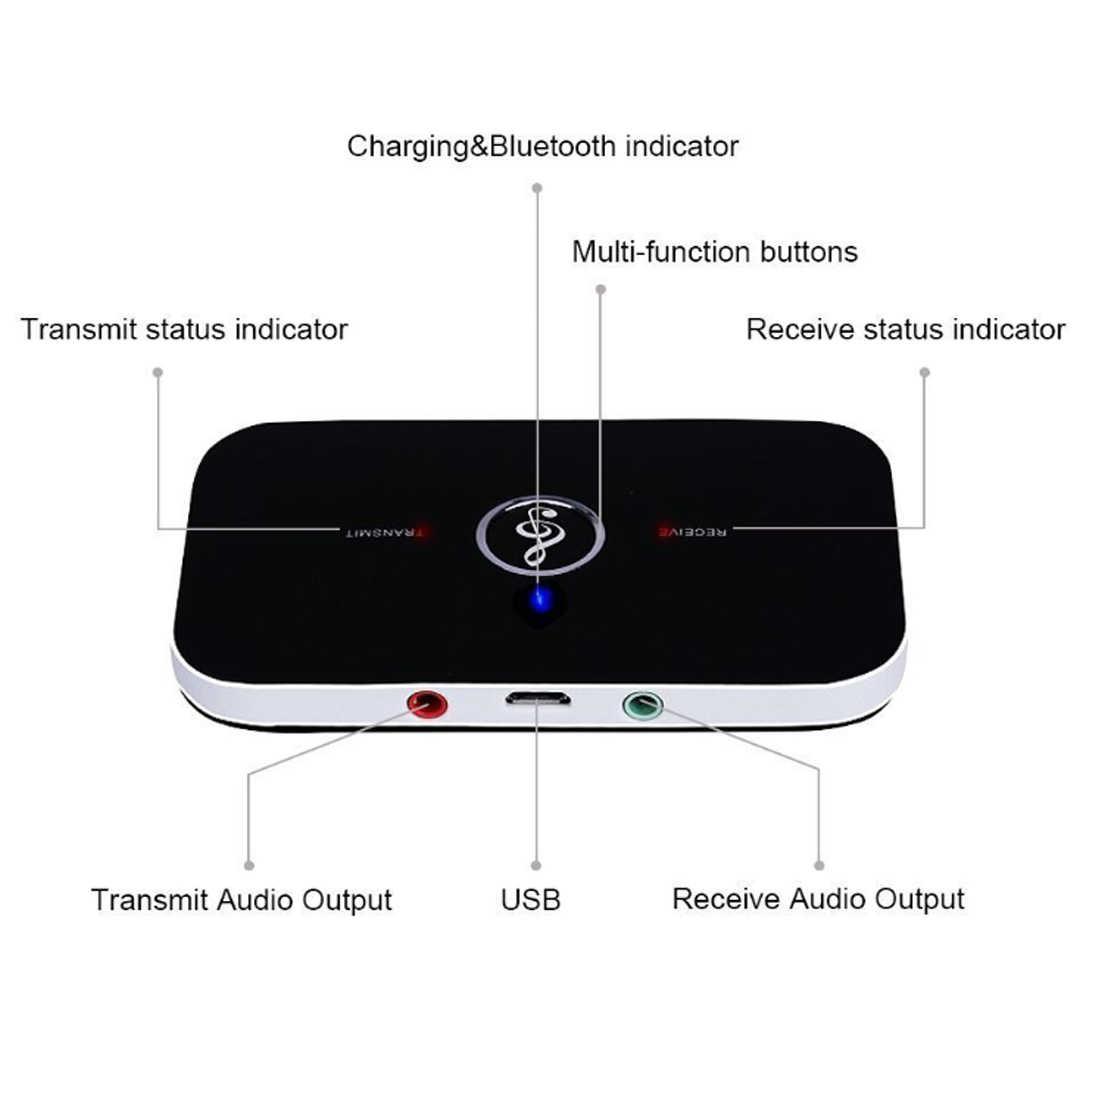 アップグレード B6 bluetooth 5.0 トランスミッタレシーバワイヤレスオーディオ pc の tv vention 3.5 ミリメートル 3.5 aux 音楽受信機送信者